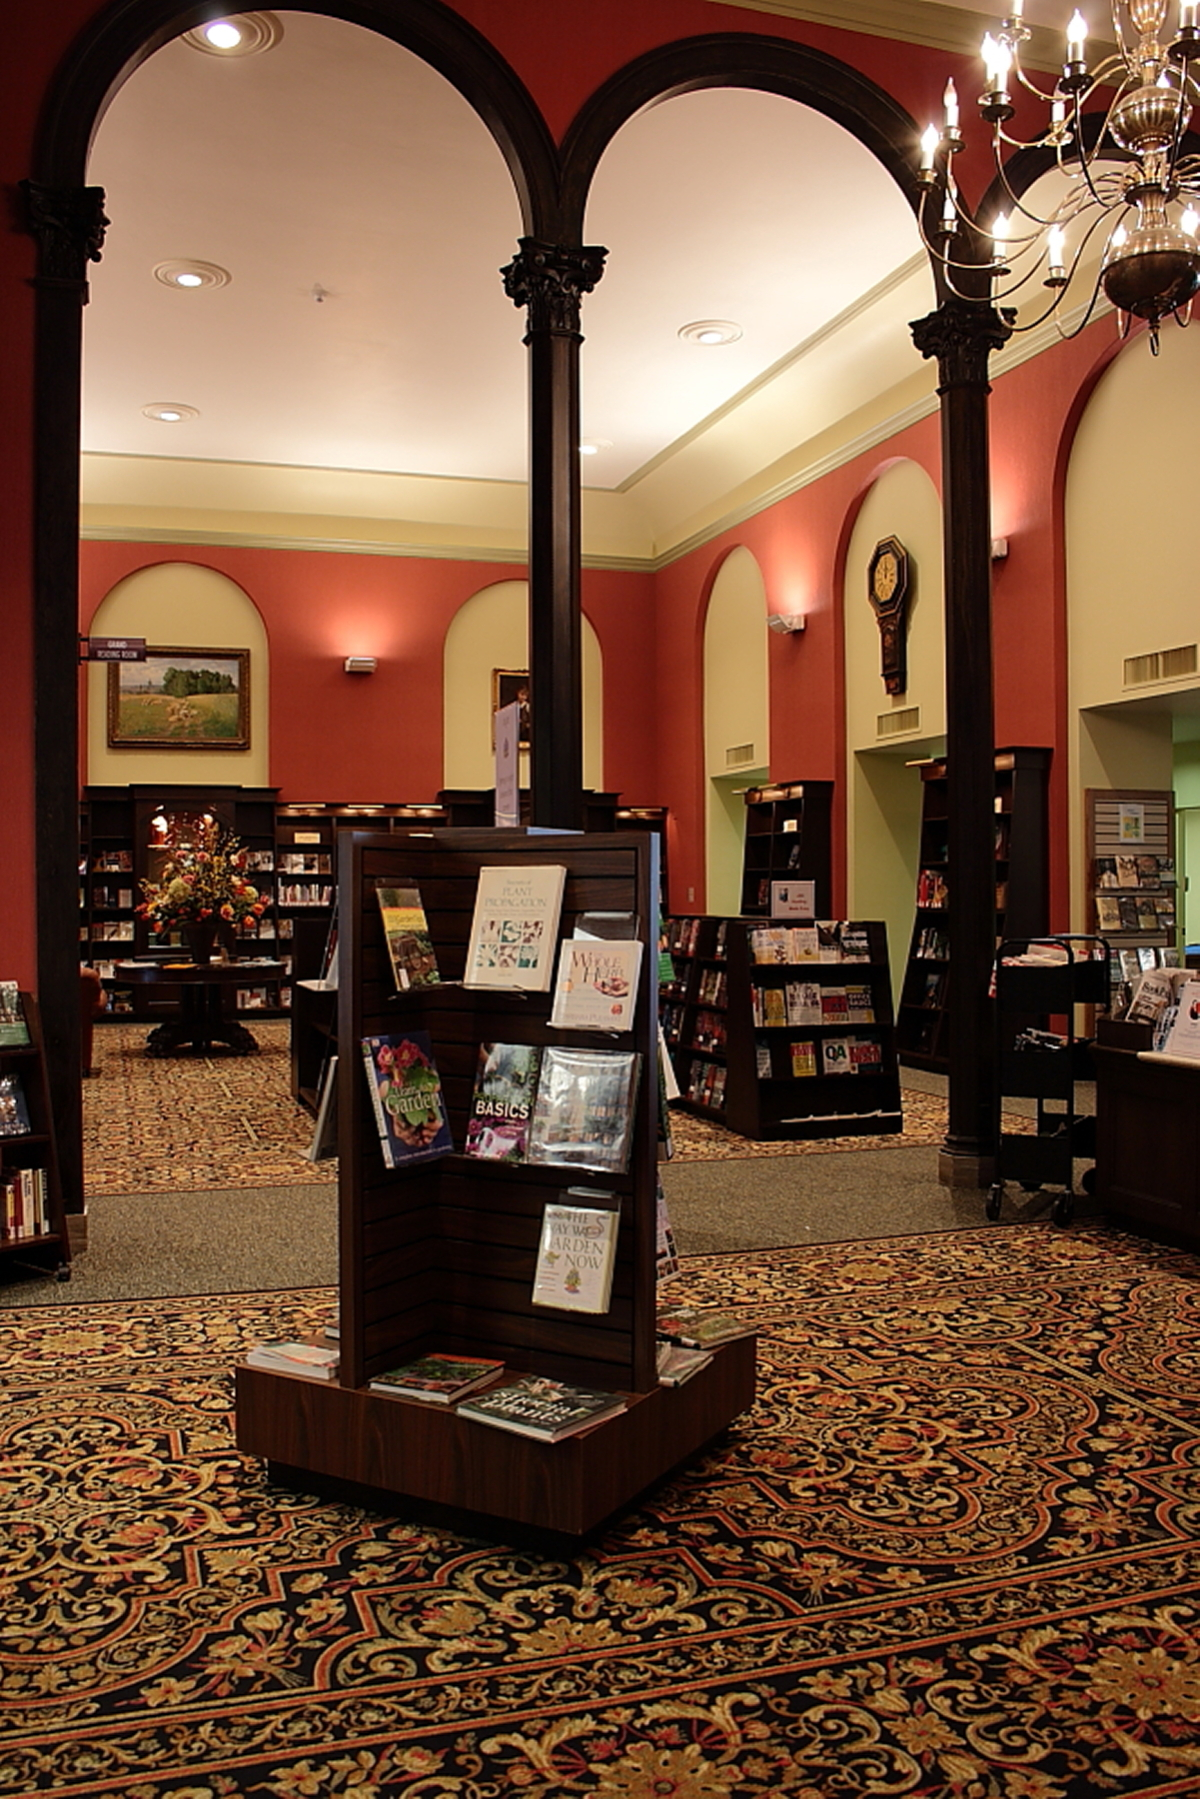 grand reading room_7_lr.jpg